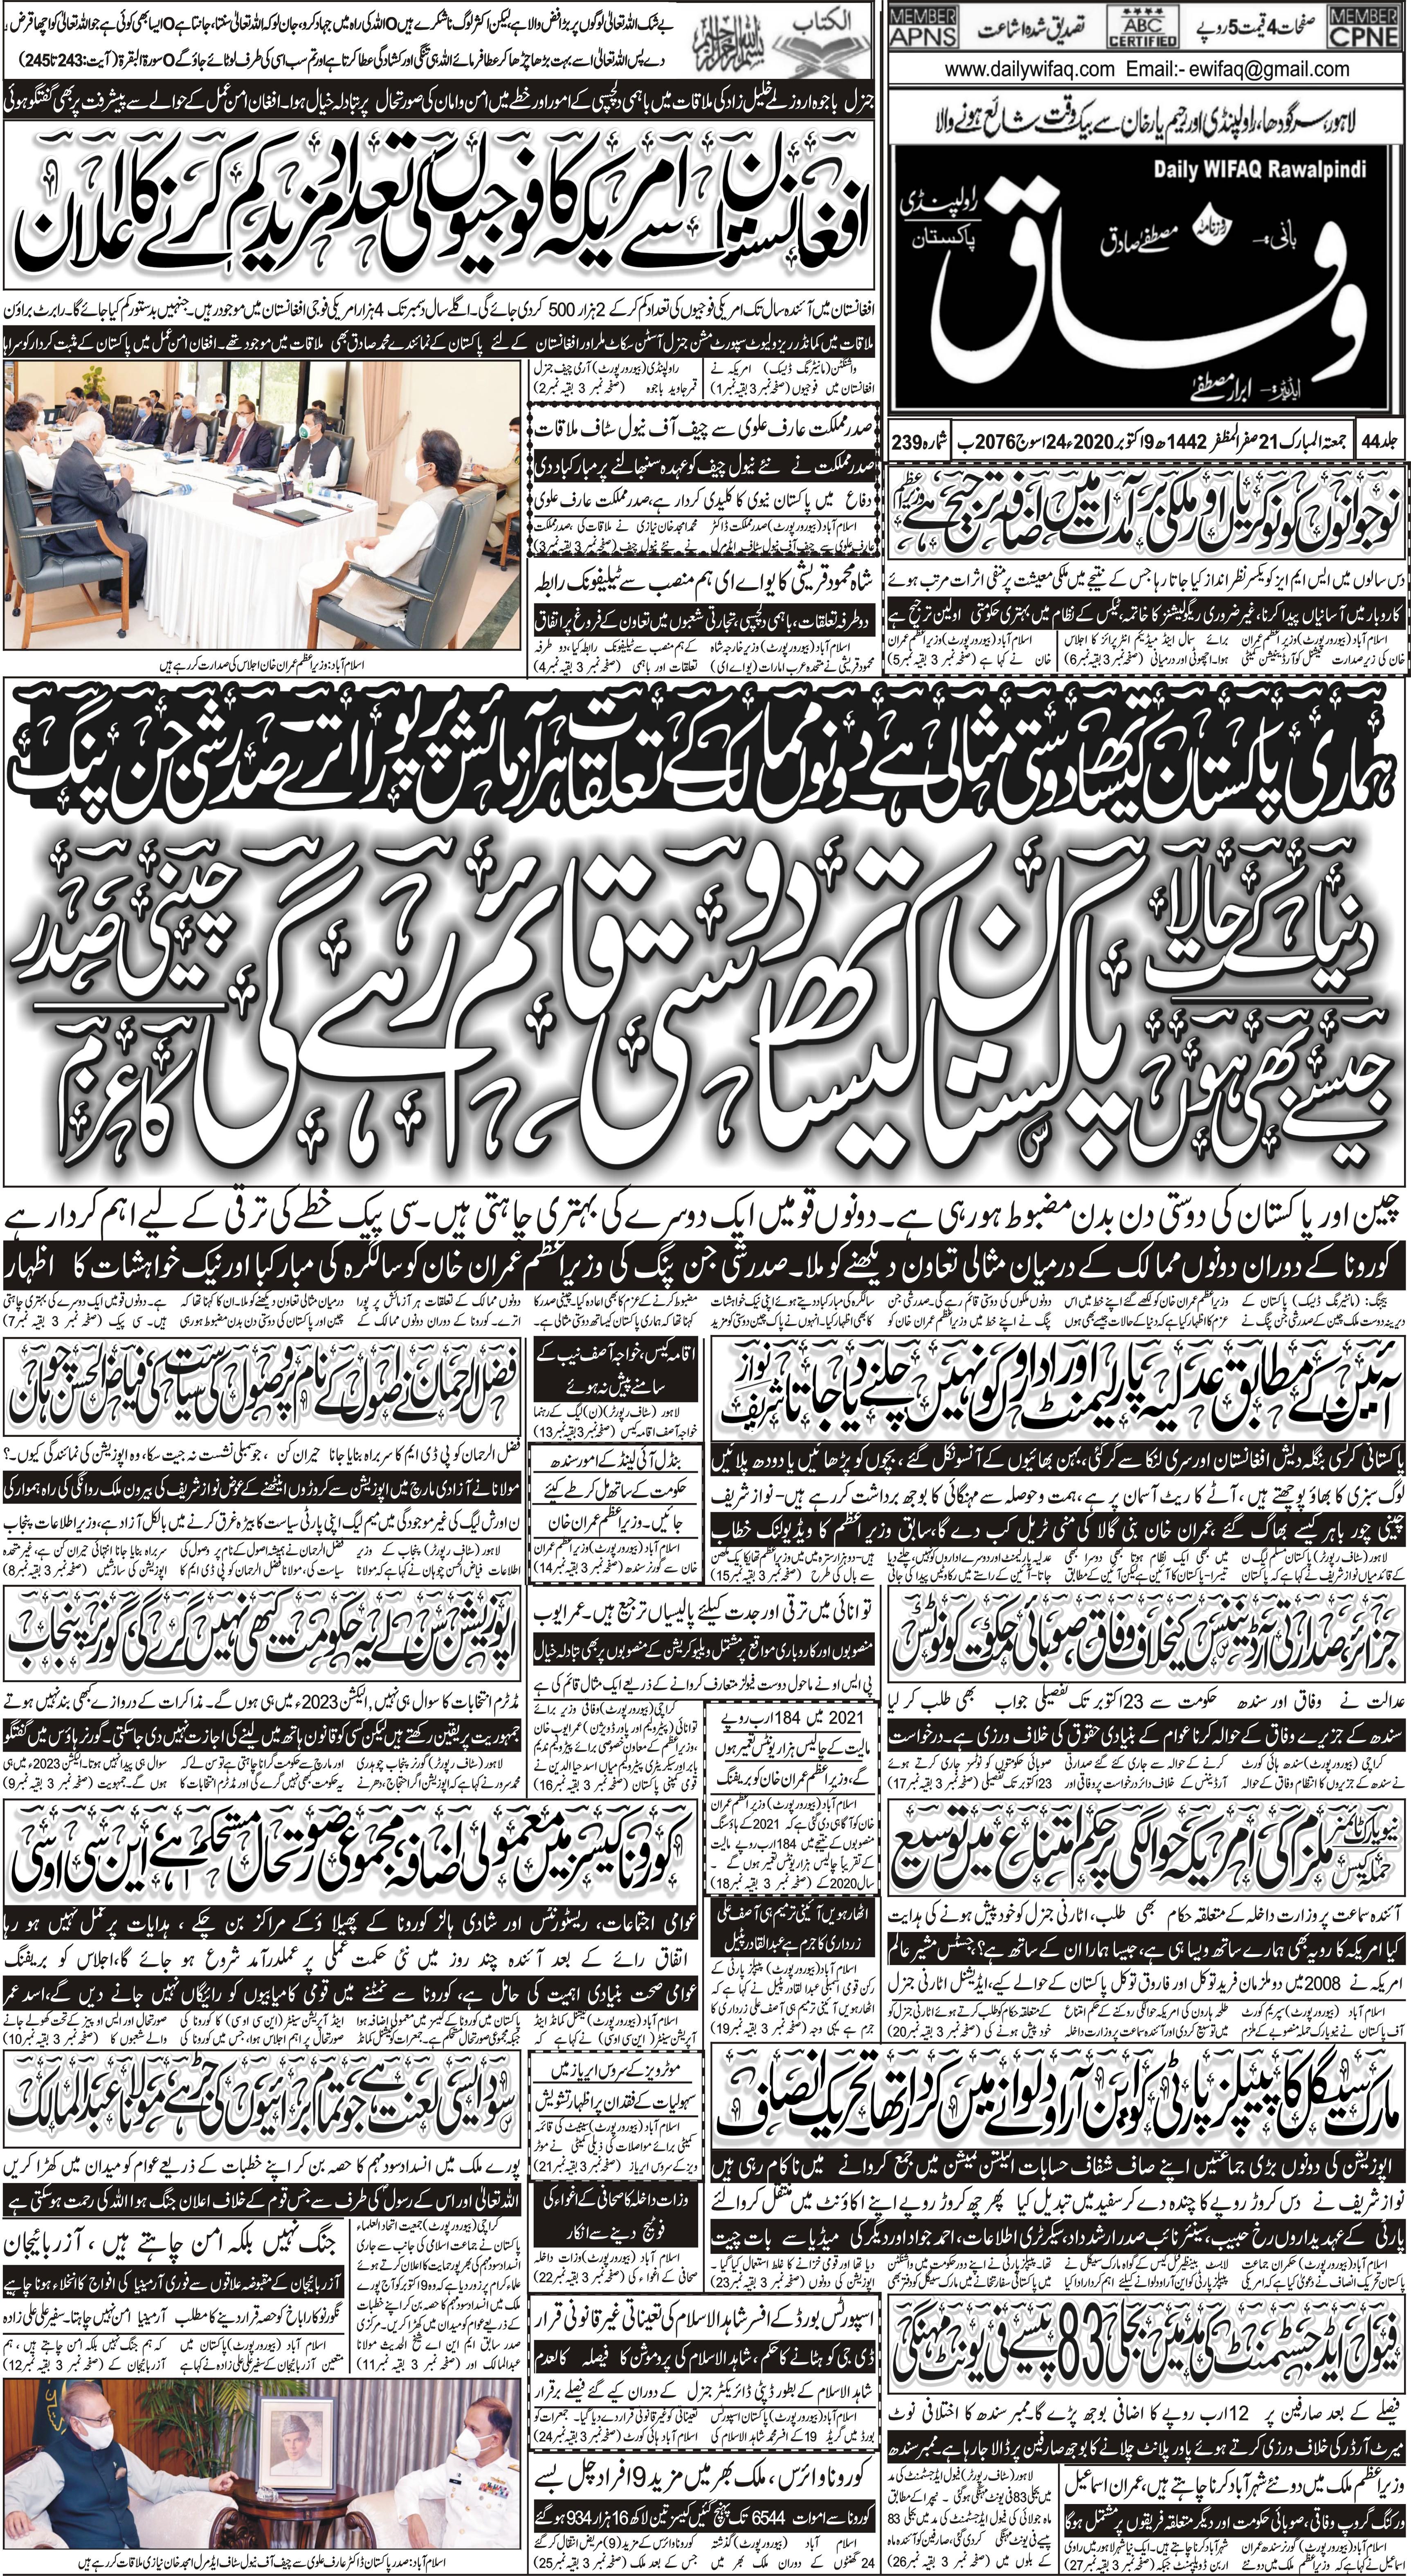 e-Paper – Daily Wifaq – Rawalpindi – 09-10-2020